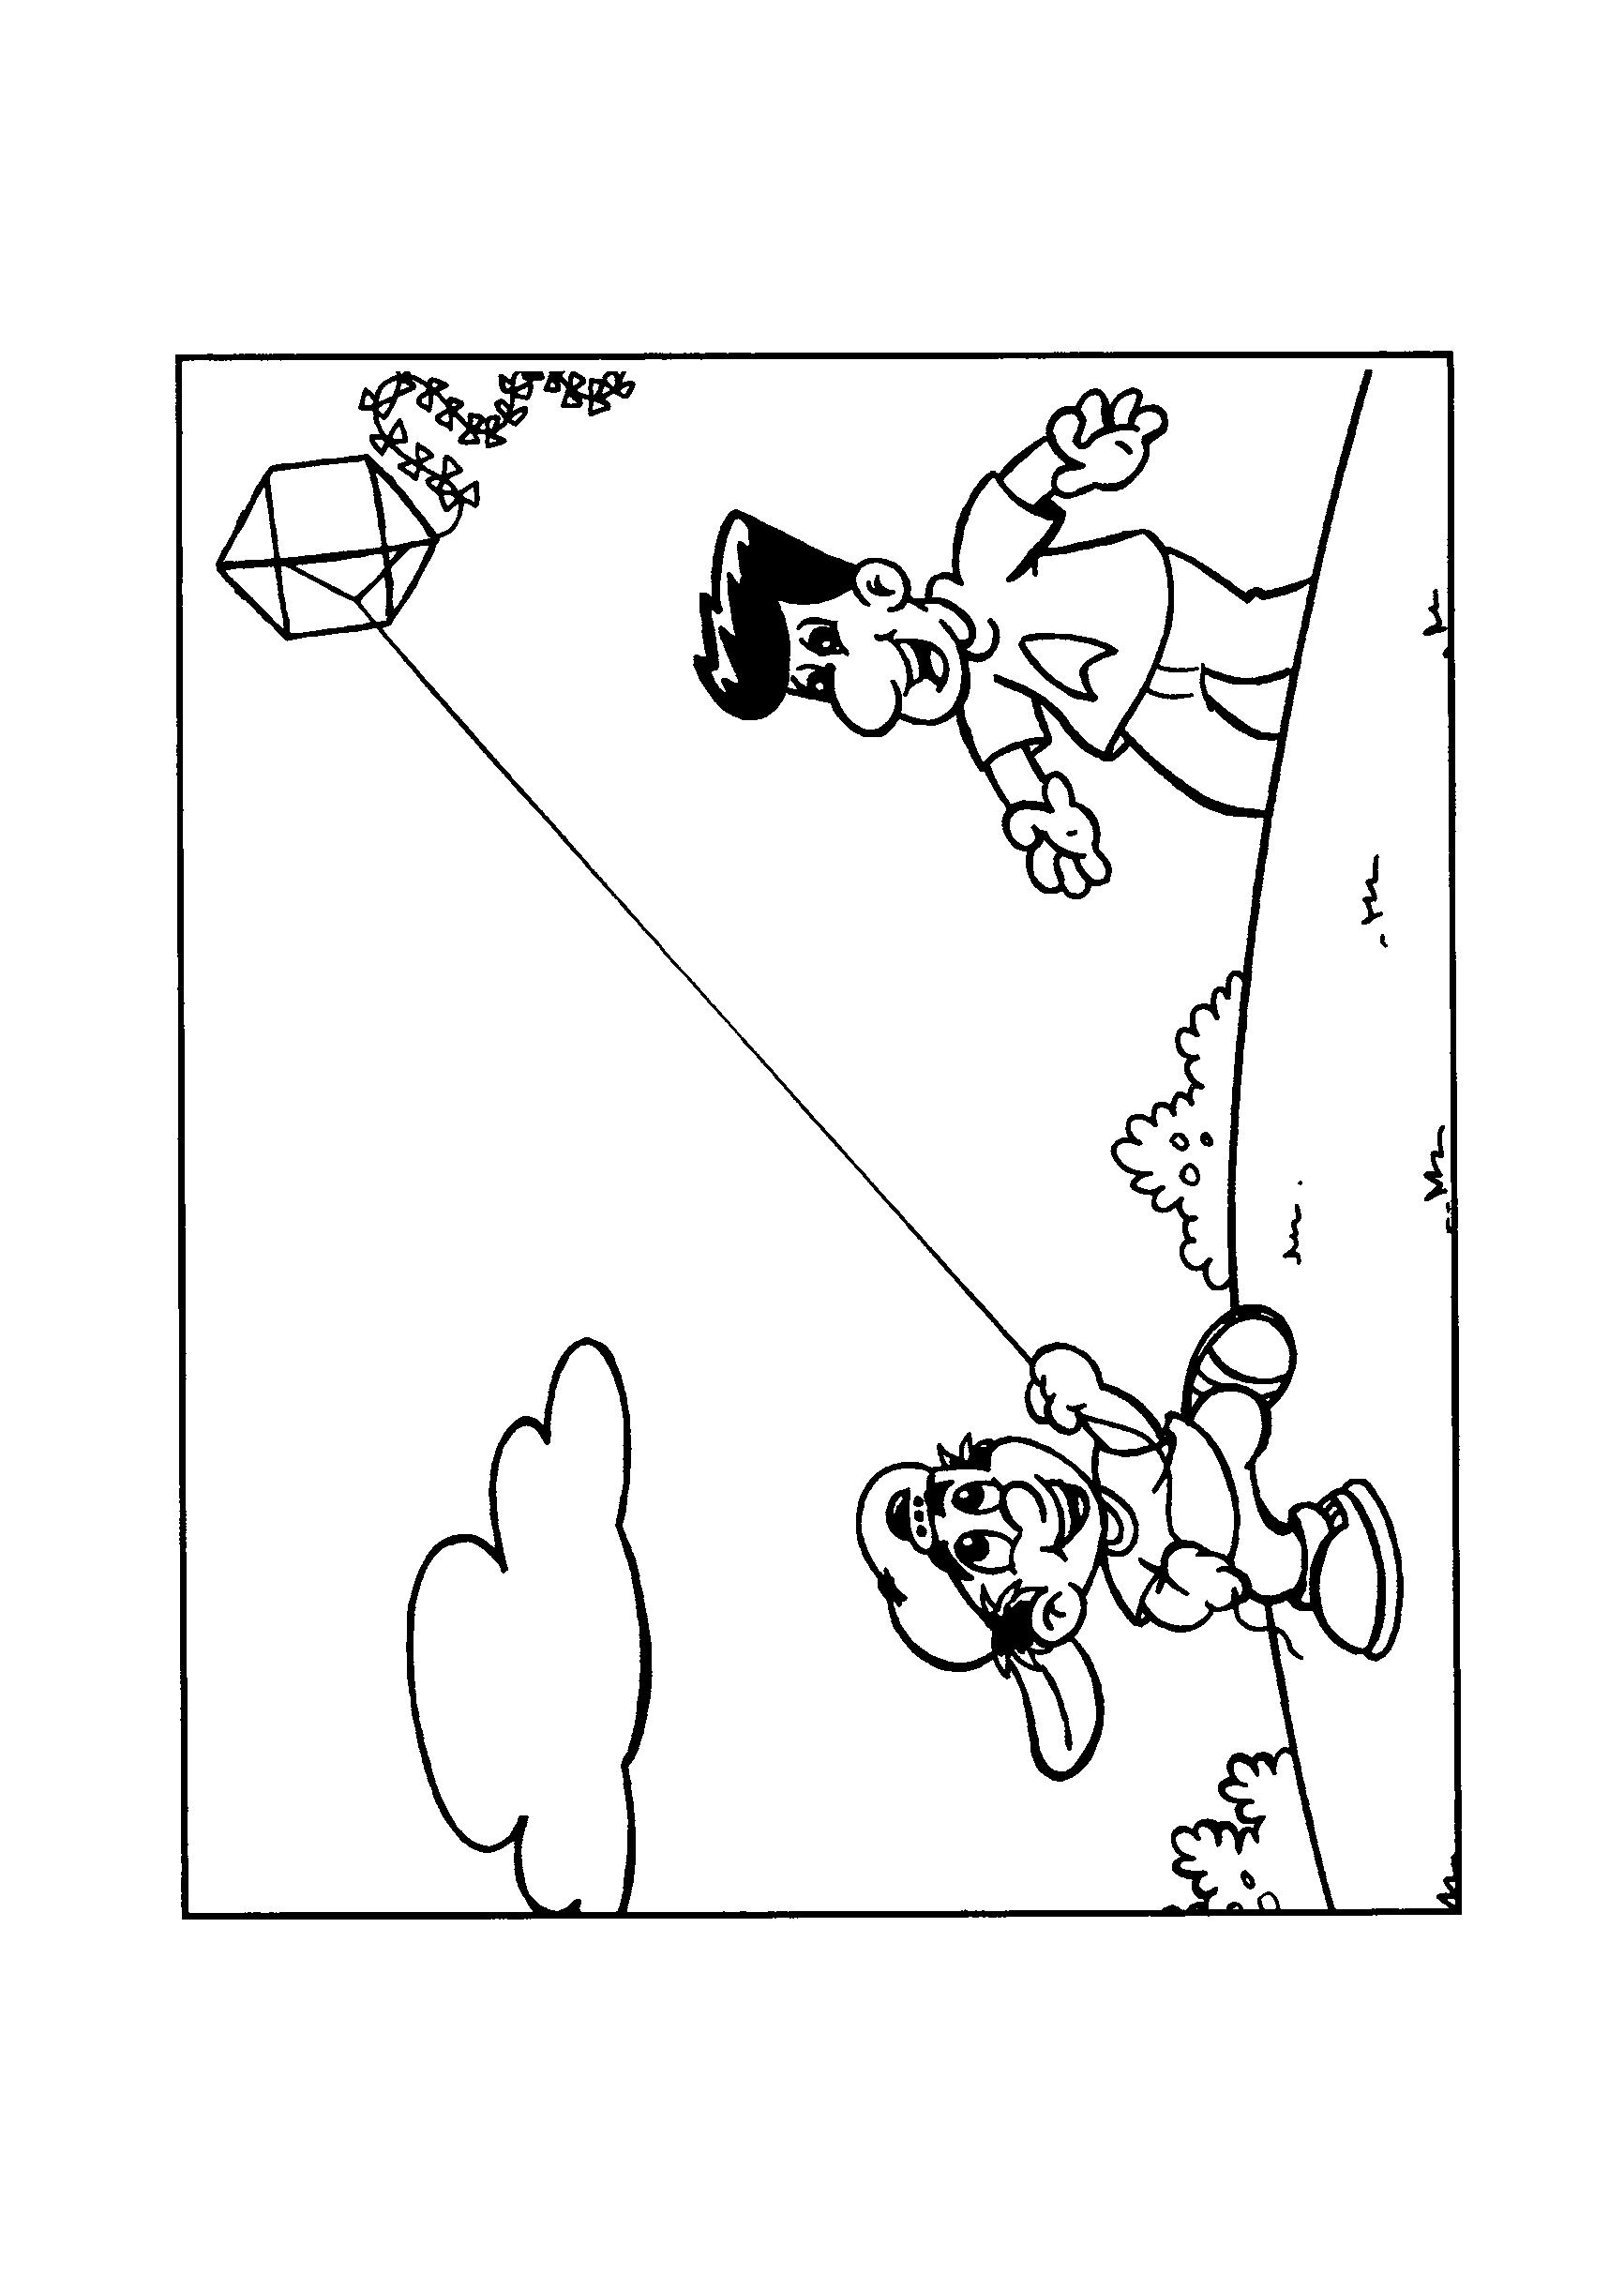 0152-dia-pais-desenho-soltando-pipa